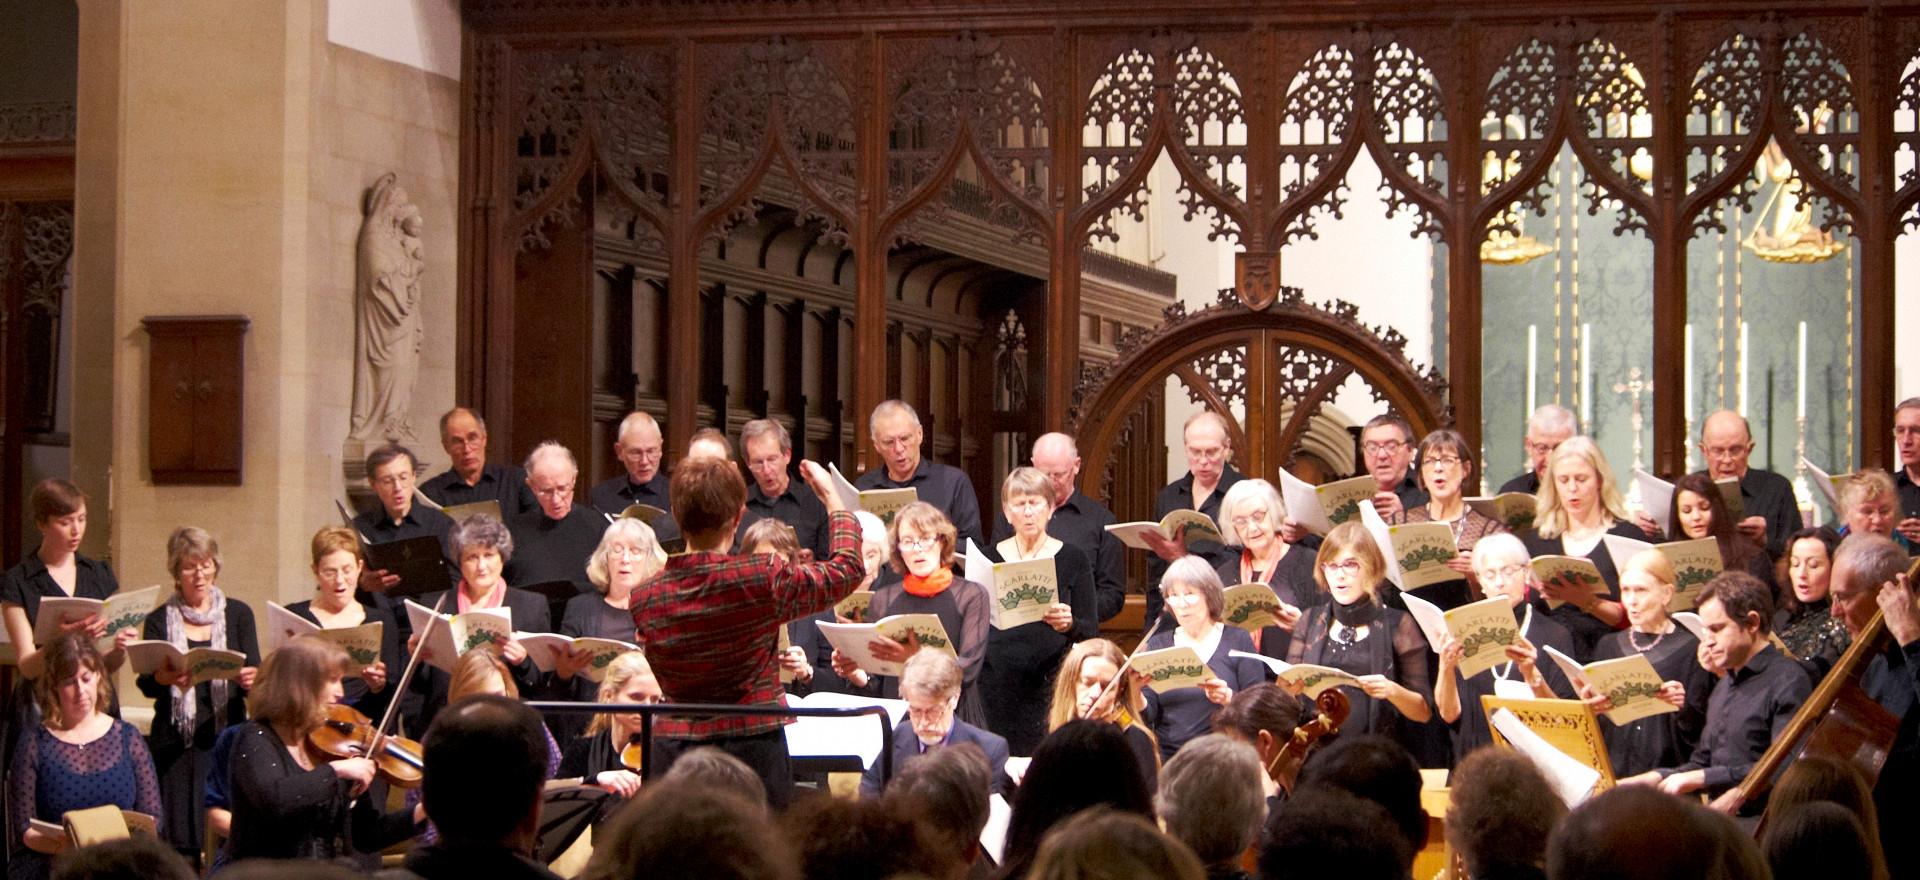 Baroque Praise 2014